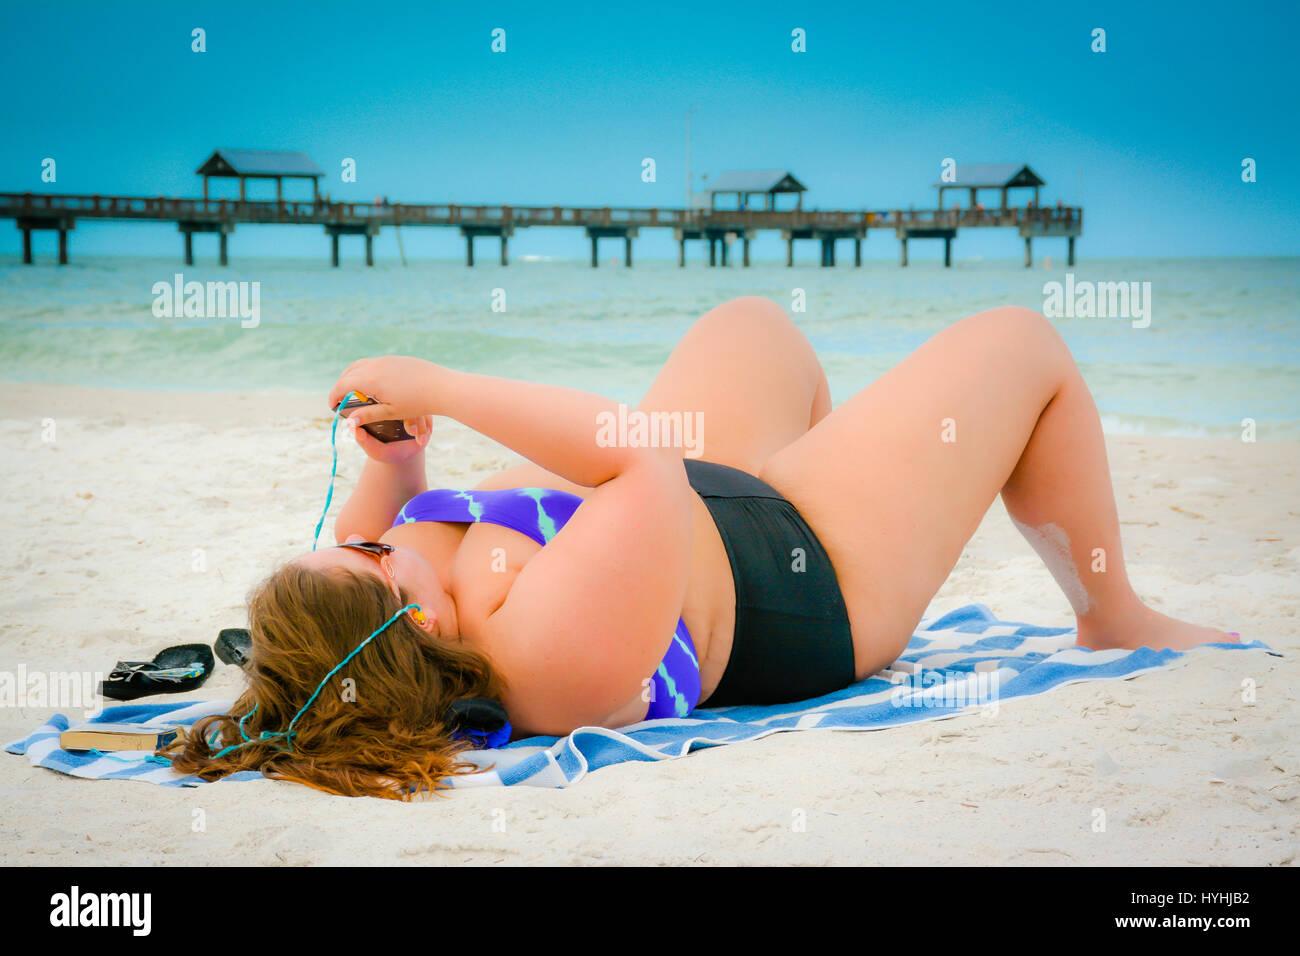 People laying out in bikini